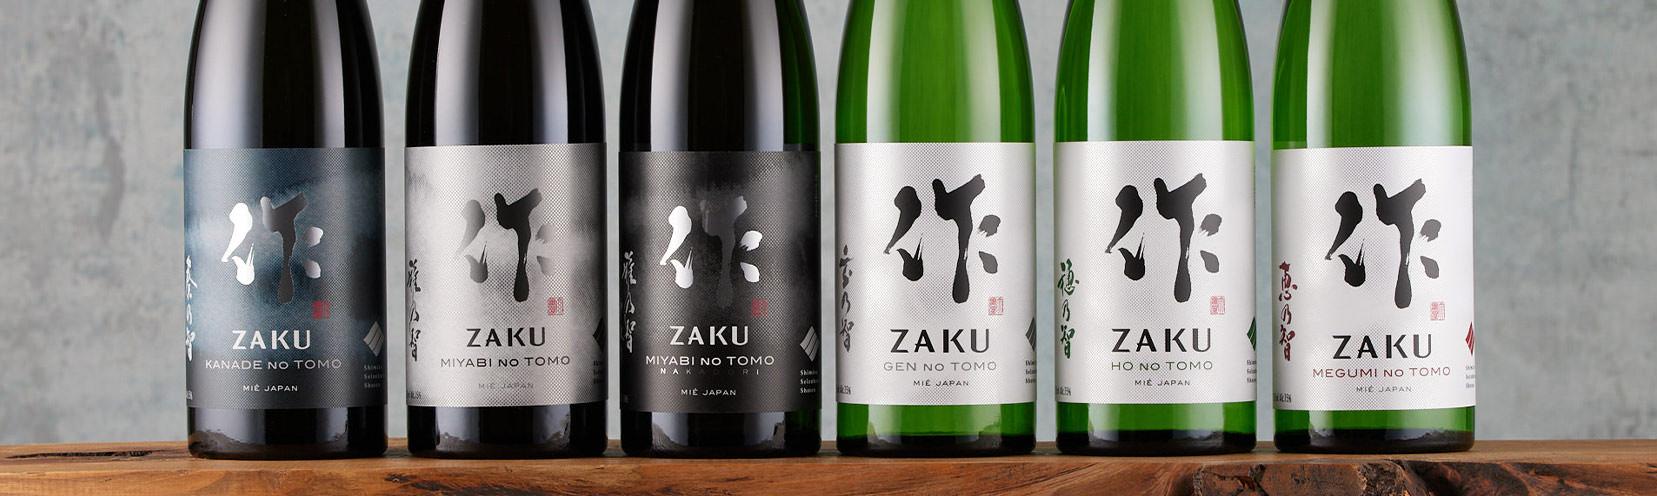 作 三重の酒屋 酒乃店もりしたが取り扱う 清水清三郎商店の日本酒